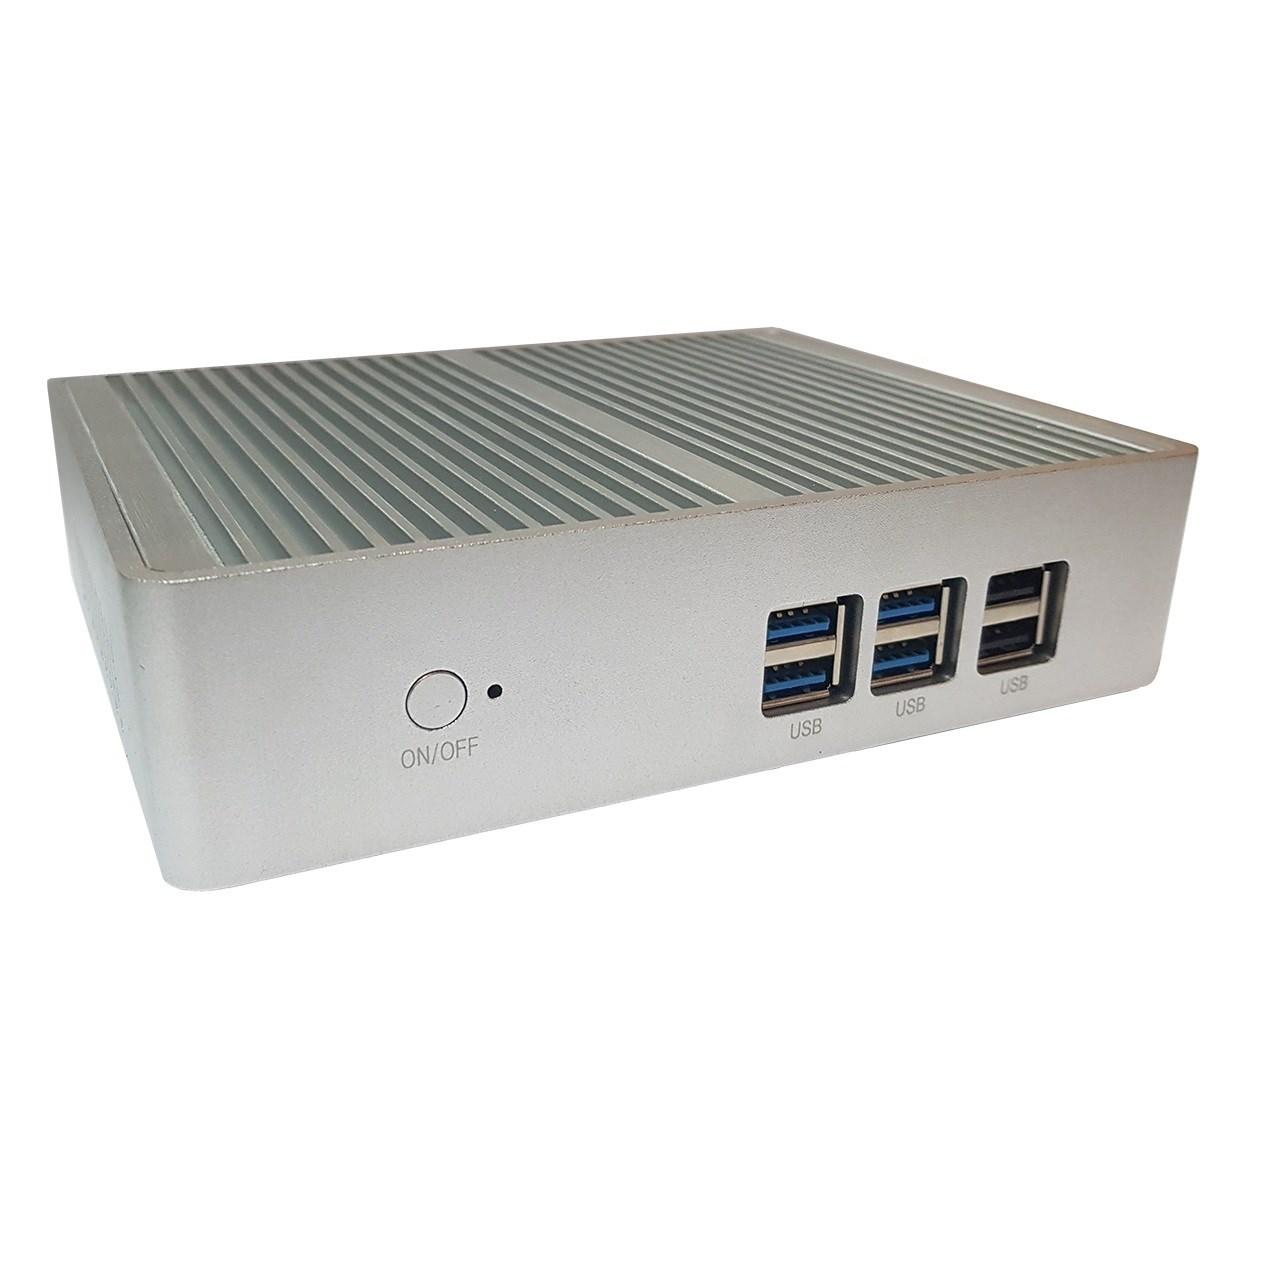 کامپیوتر کوچک نت کامپیوتر مدل NT-i35 - A